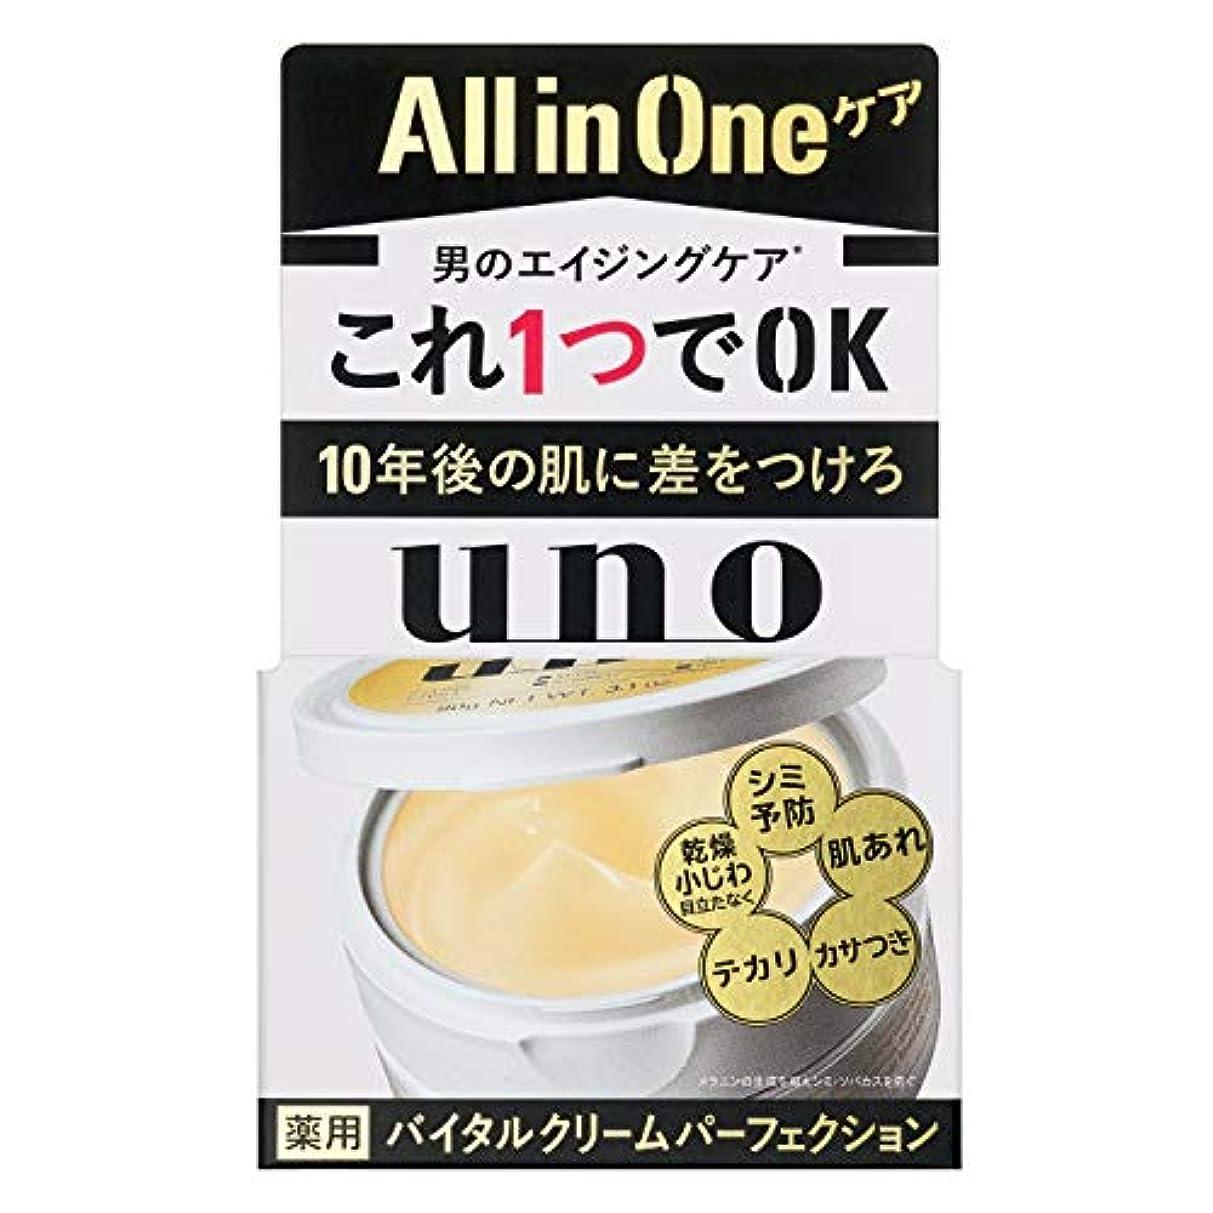 提案する調和のとれた人道的UNO(ウーノ) ウーノ バイタルクリームパーフェクション 90g オールインワン シトラスグリーンの香り(微香性)